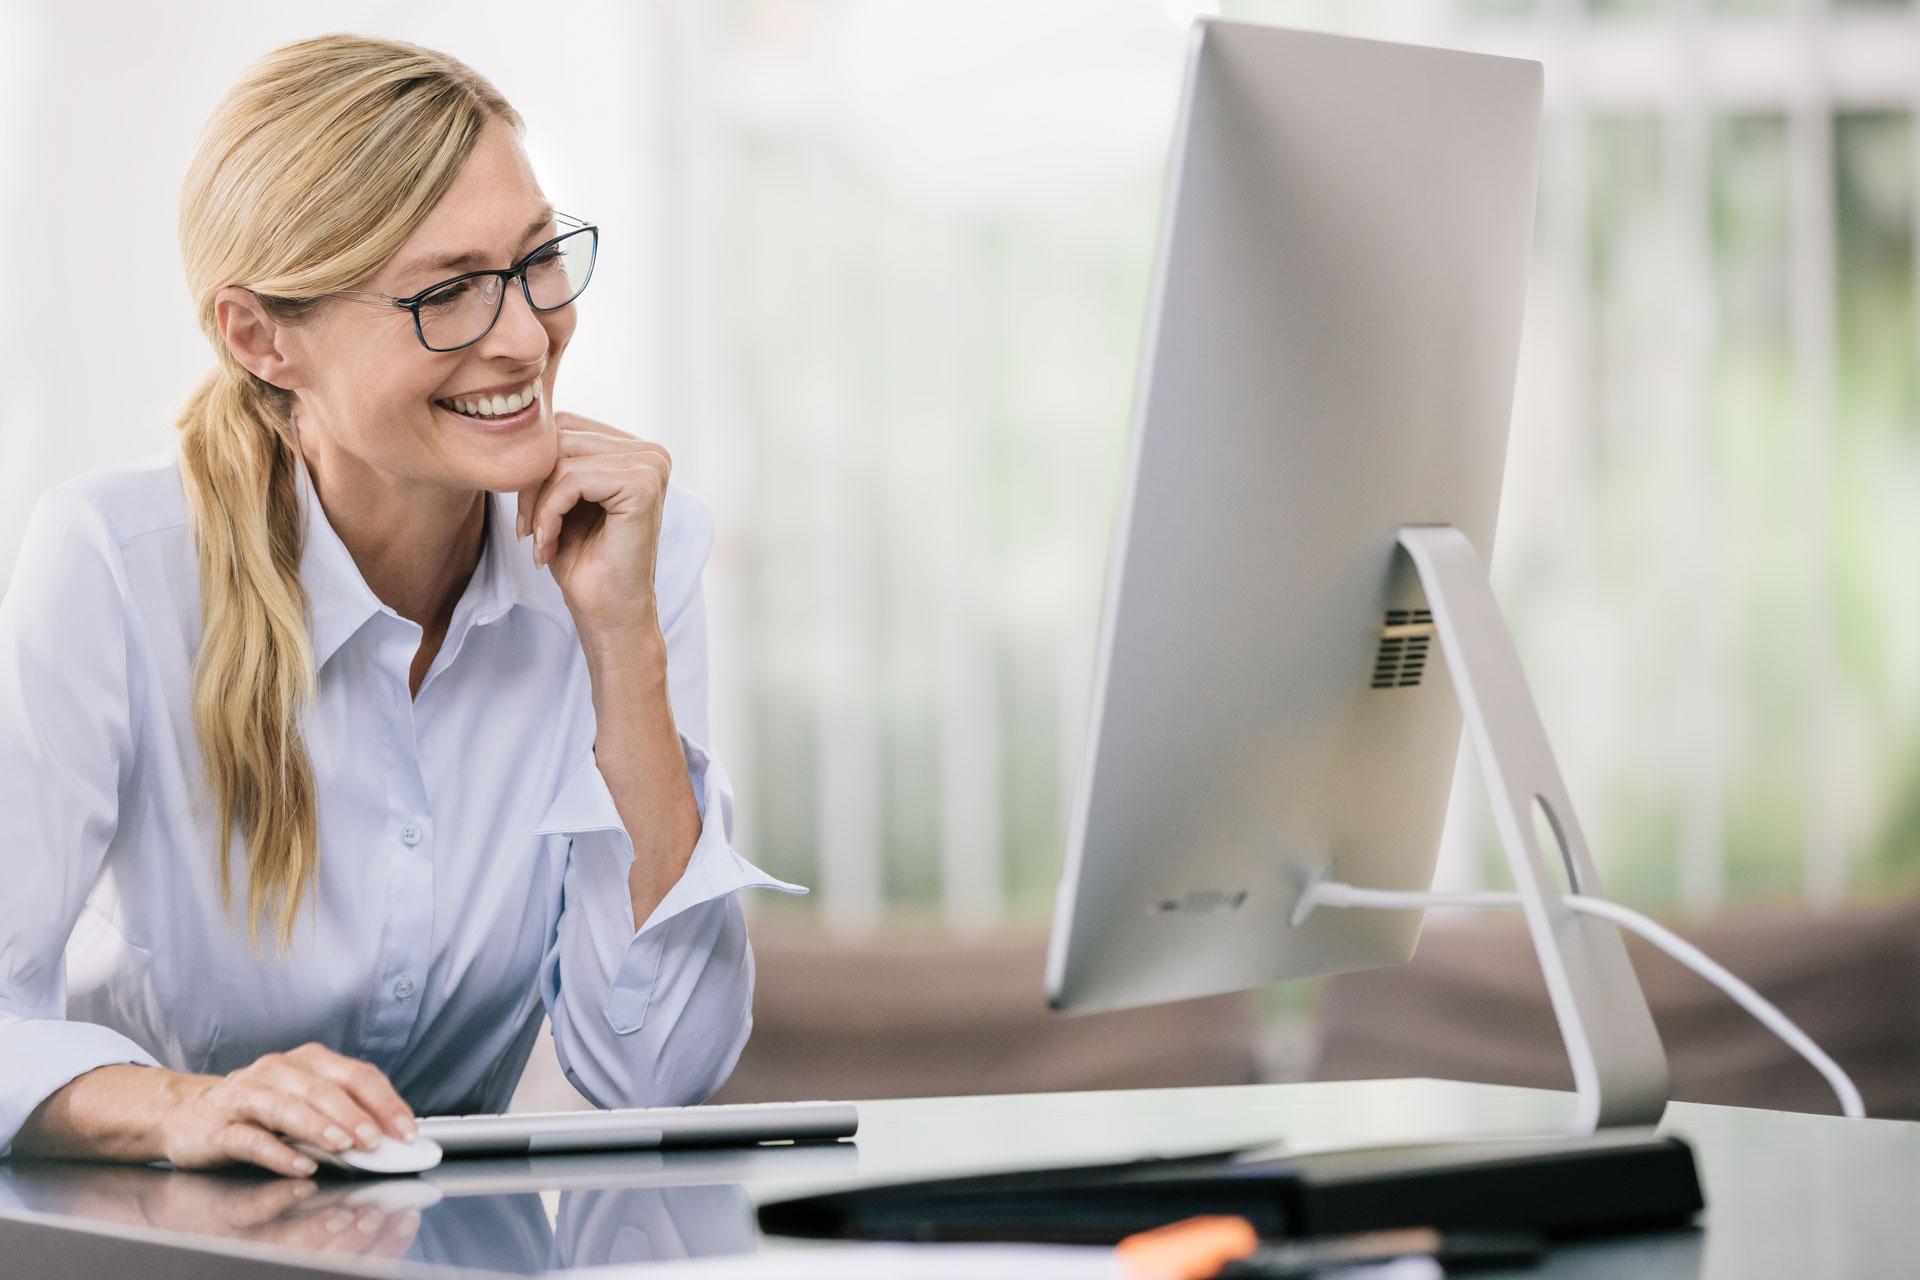 látáskárosodás megelőzése számítógépes munka közben